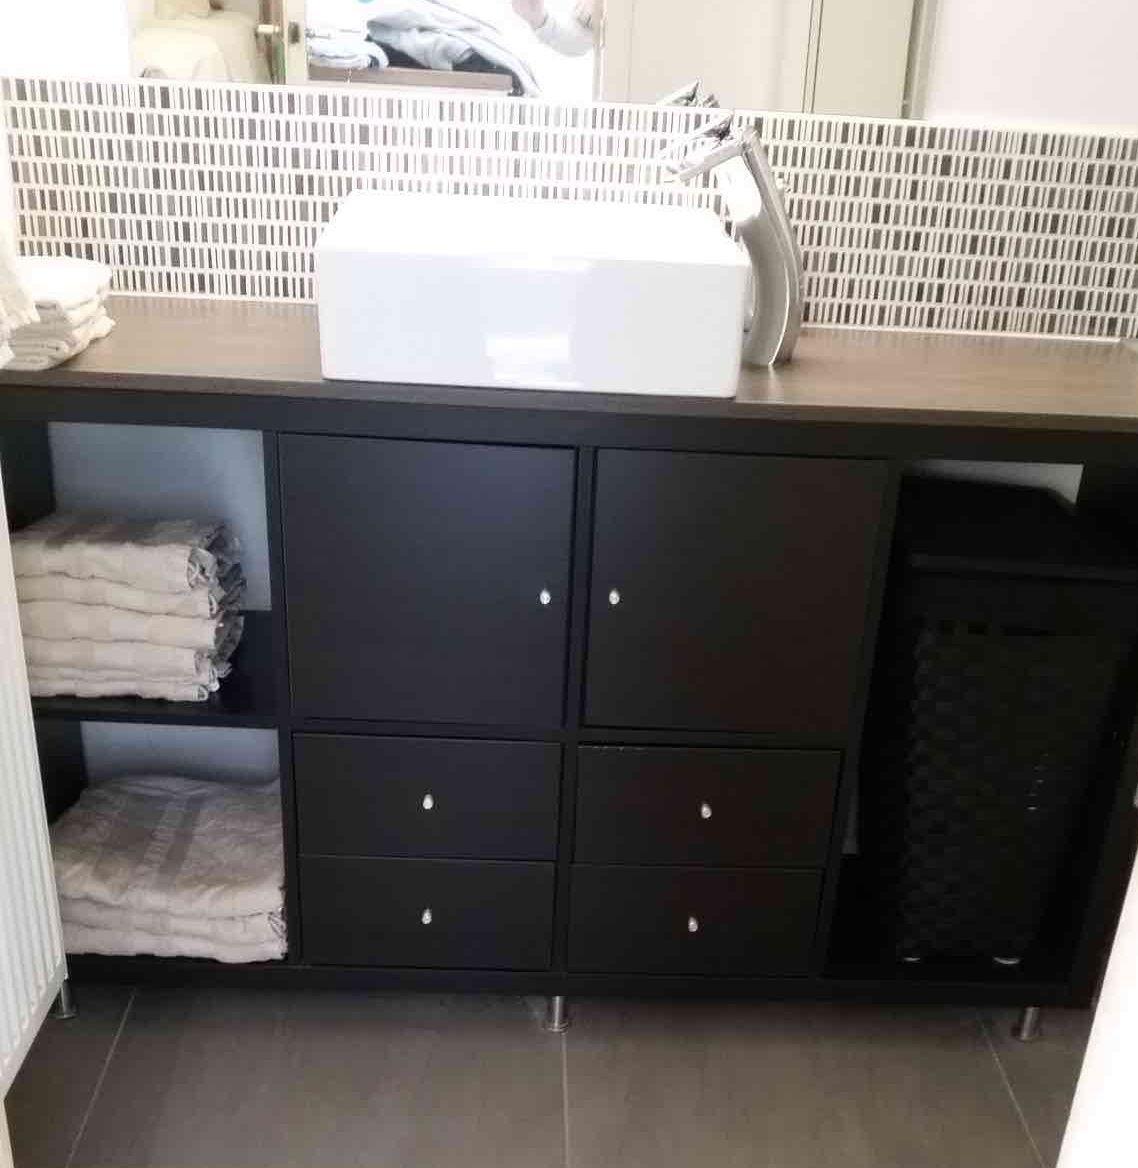 Kallax Bathroom Vanity For Small Bathroom Ikea Hackers Small Bathroom Vanities Bathroom Storage Hacks Small Bathroom